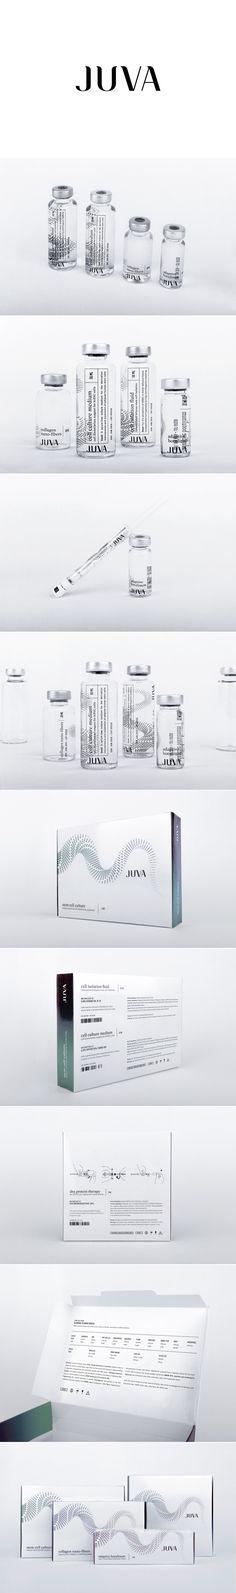 Juva. Impressive packaging design for a pharmaceutical brand. #Packaging #Design